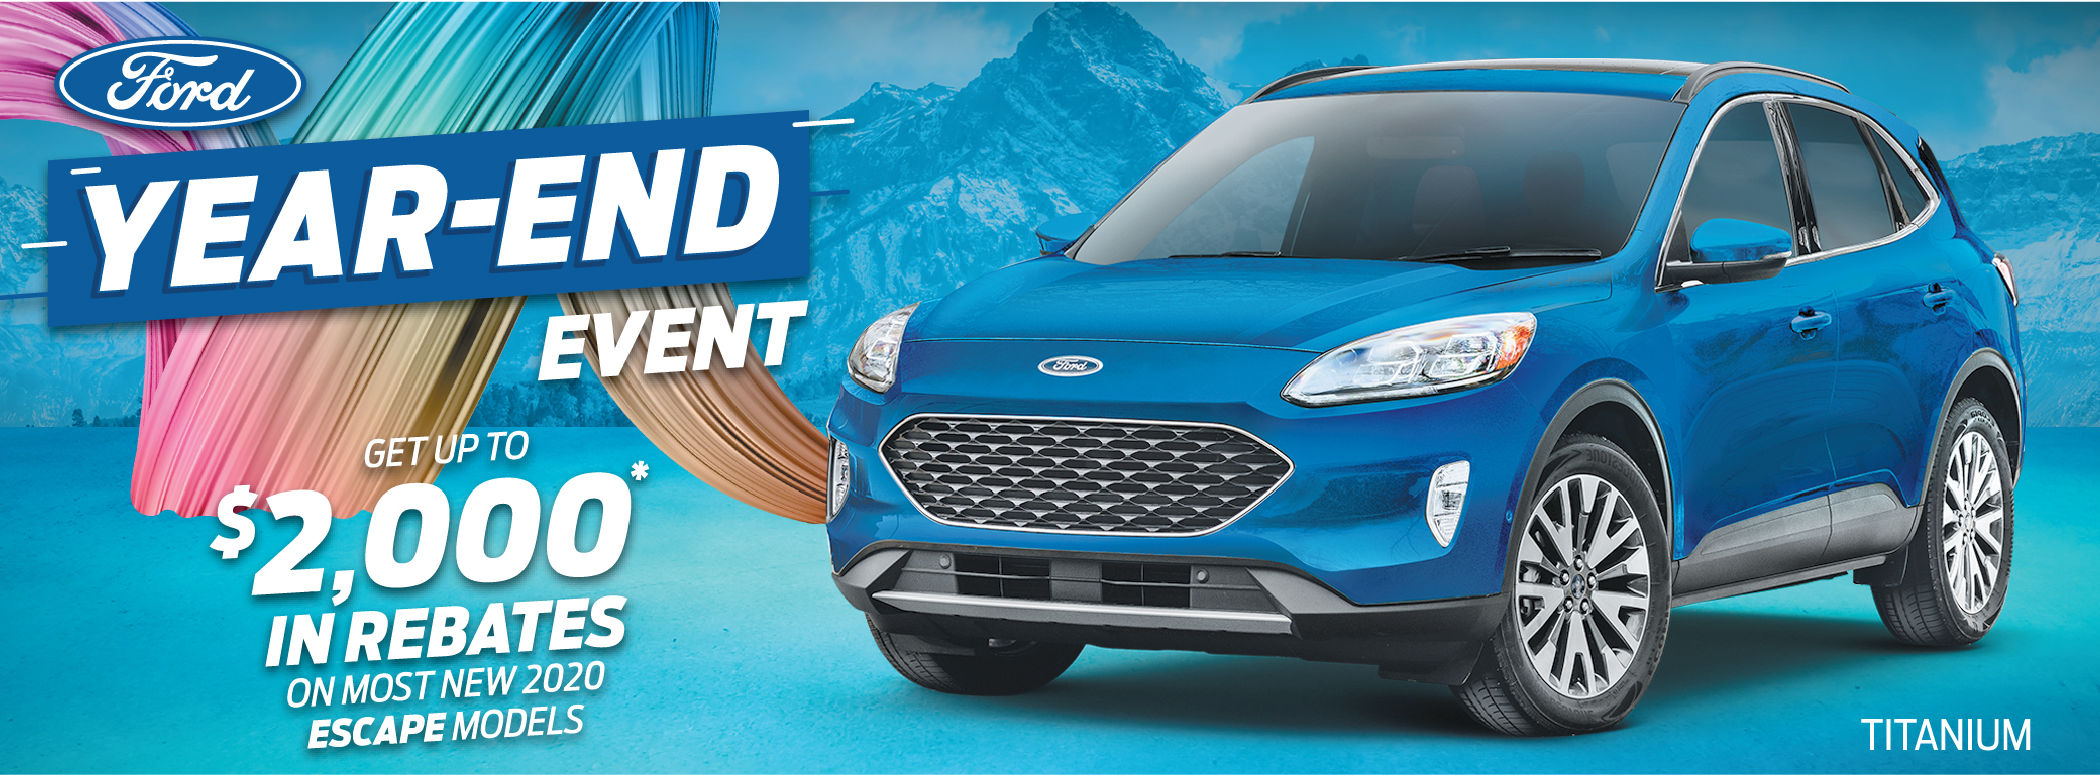 2020 new Ford escape